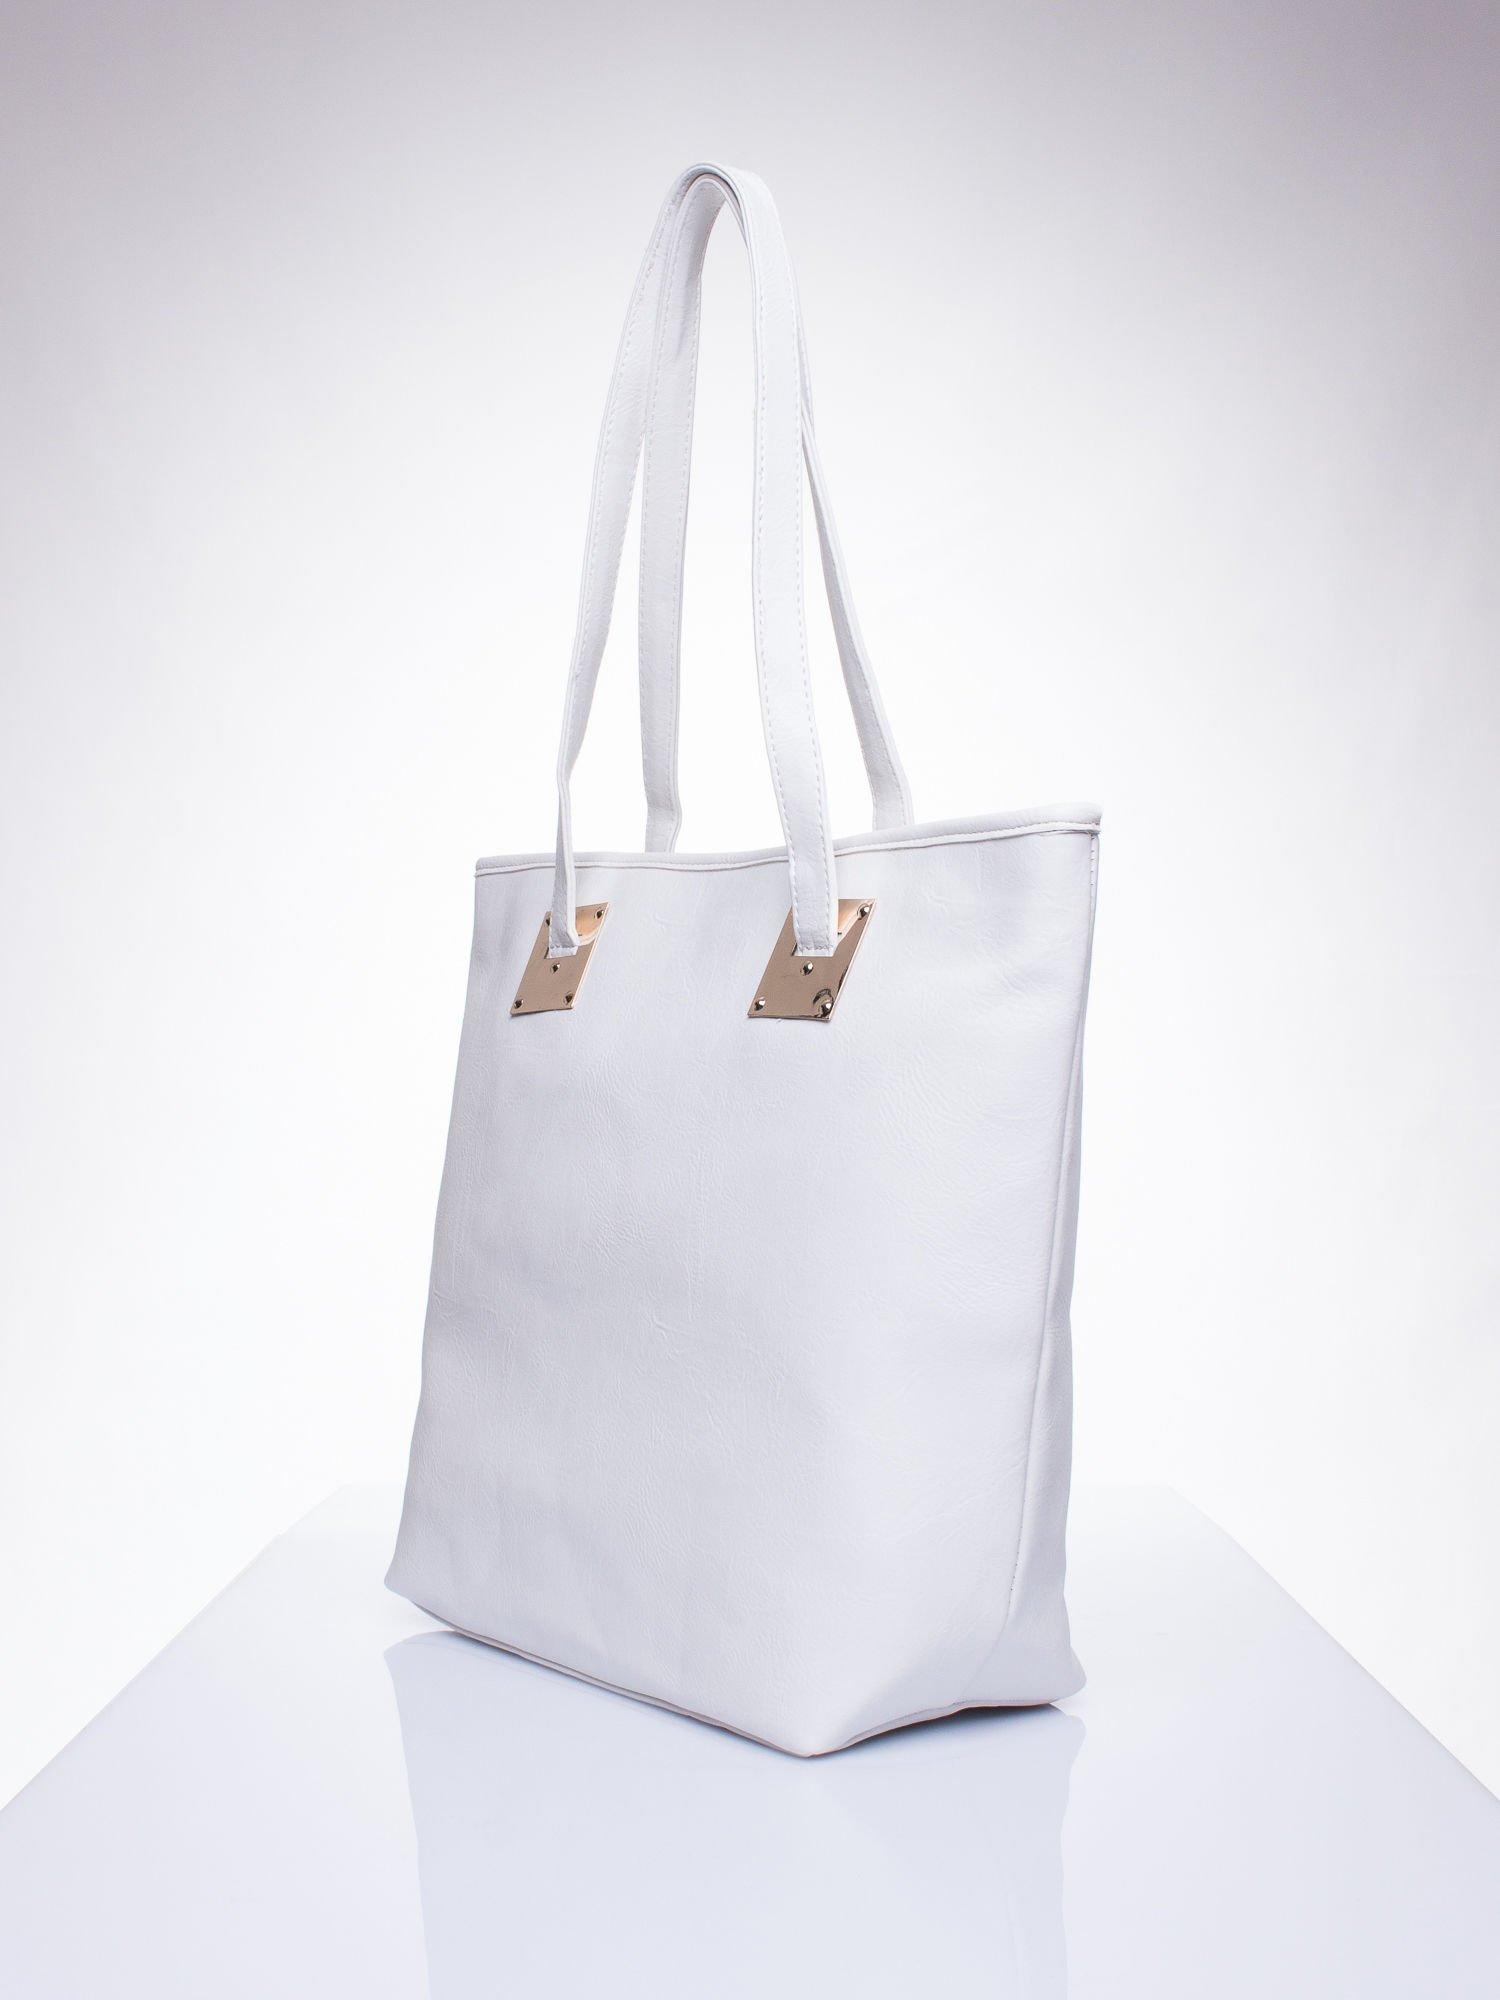 Biała prosta torba shopper bag ze złotymi okuciami                                  zdj.                                  2